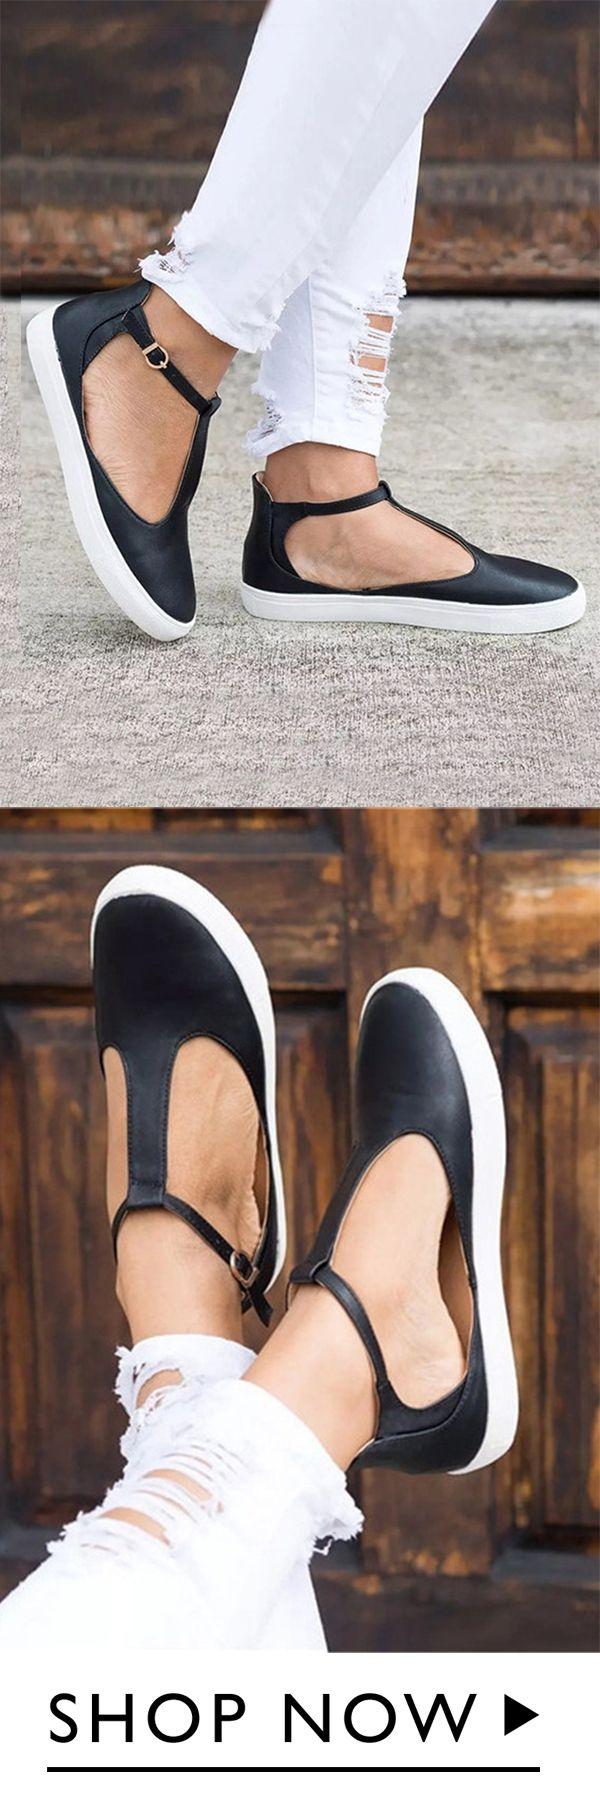 sale shoes | Fashion shoes, Cute shoes